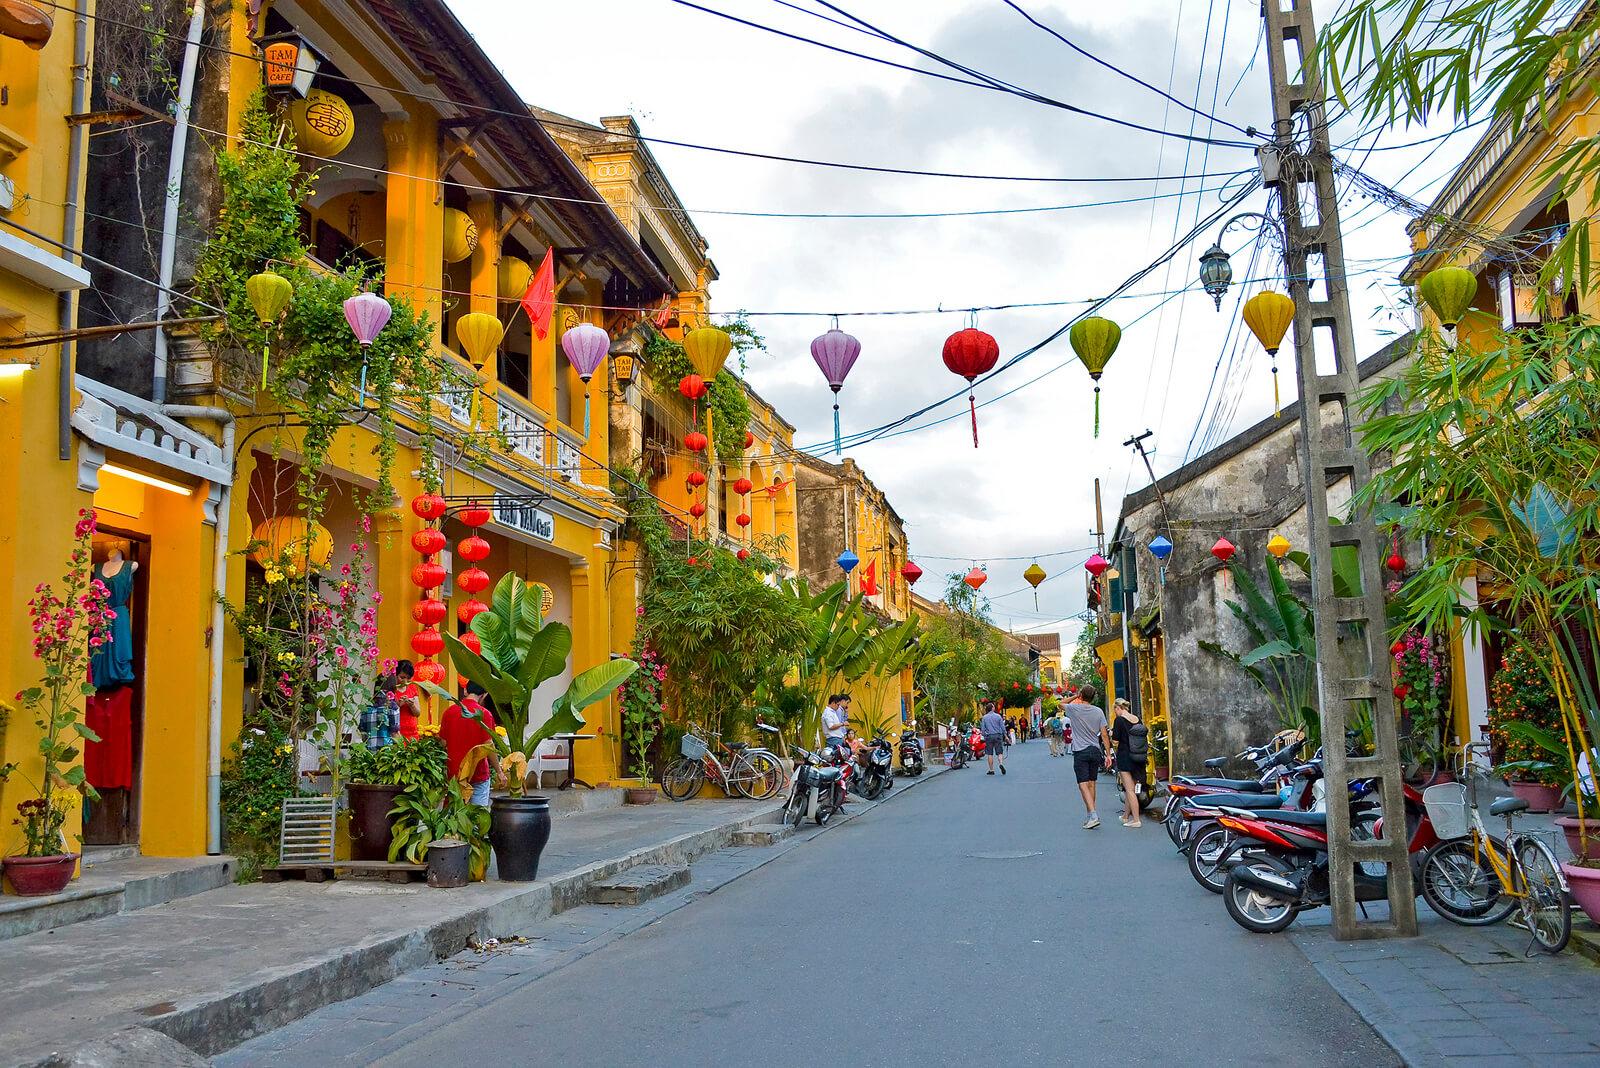 Vietnam_Hoi An ancient town-1